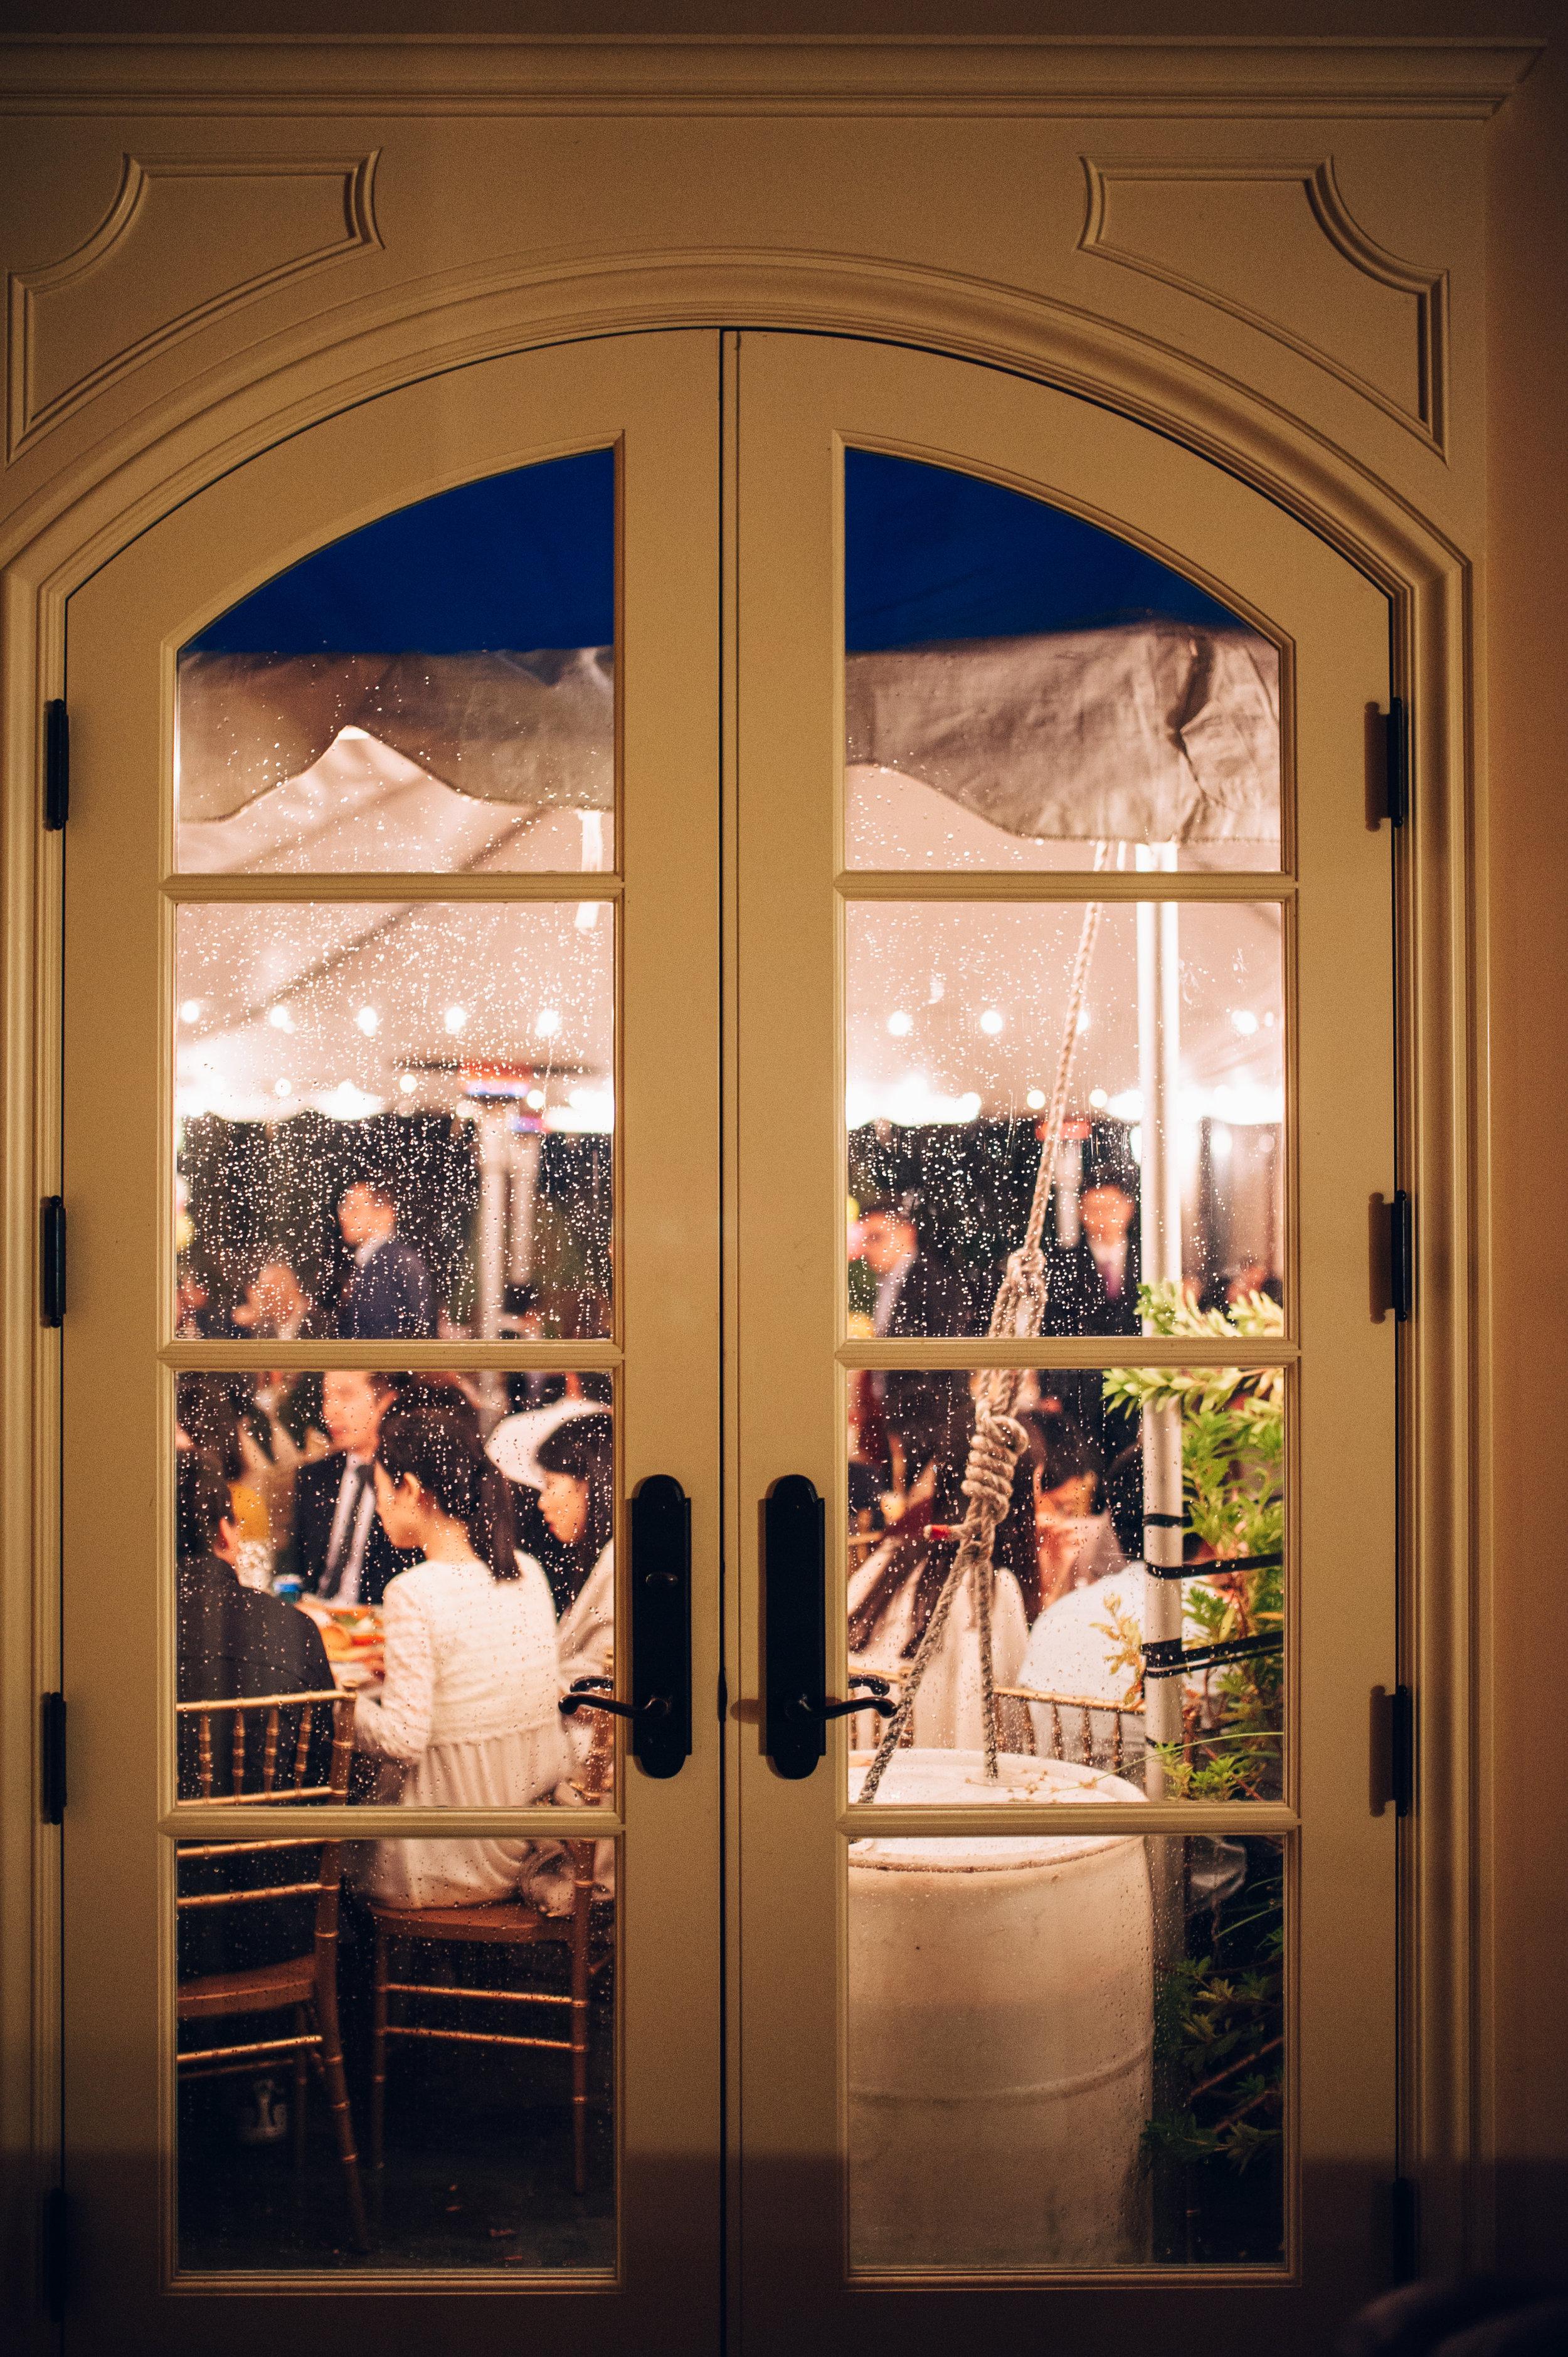 06_Dinner_12.jpg